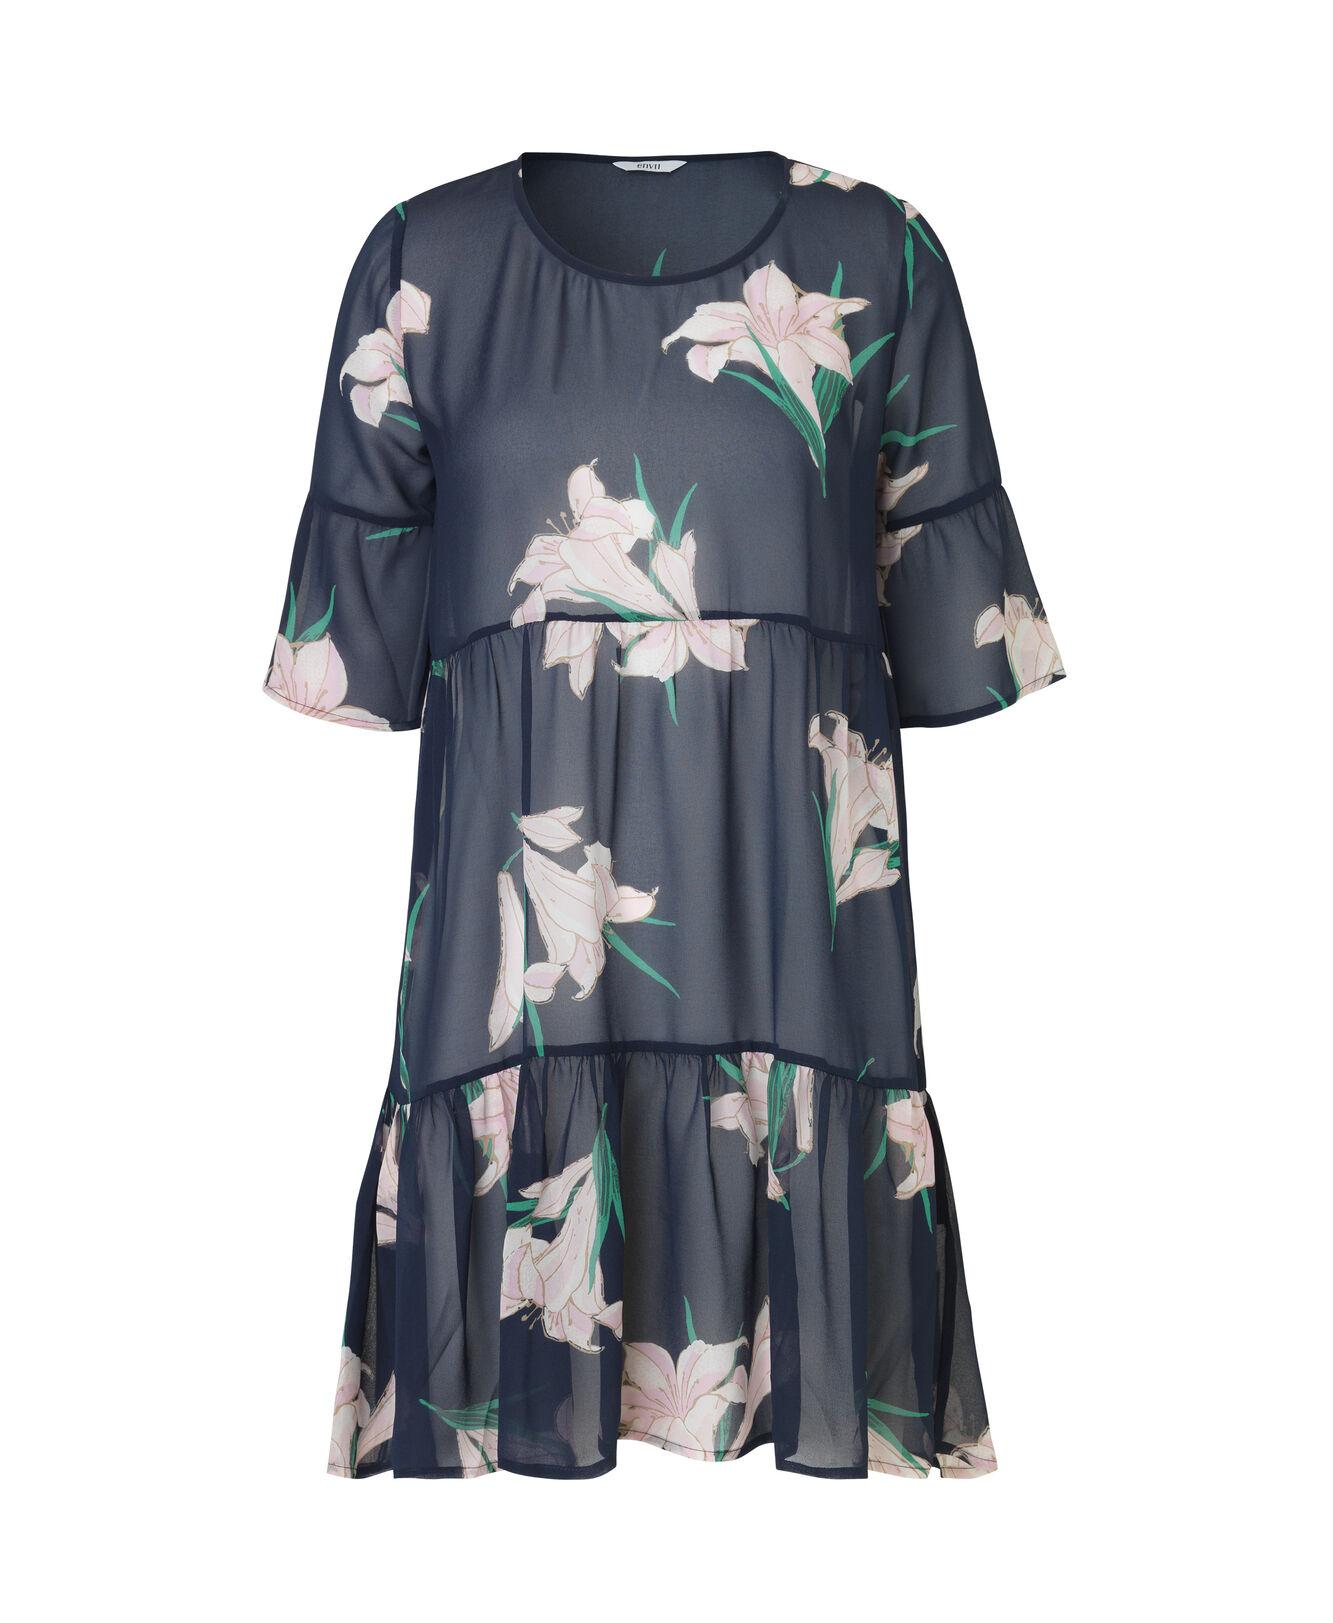 ENMOANA 3/4 DRESS AOP 6395